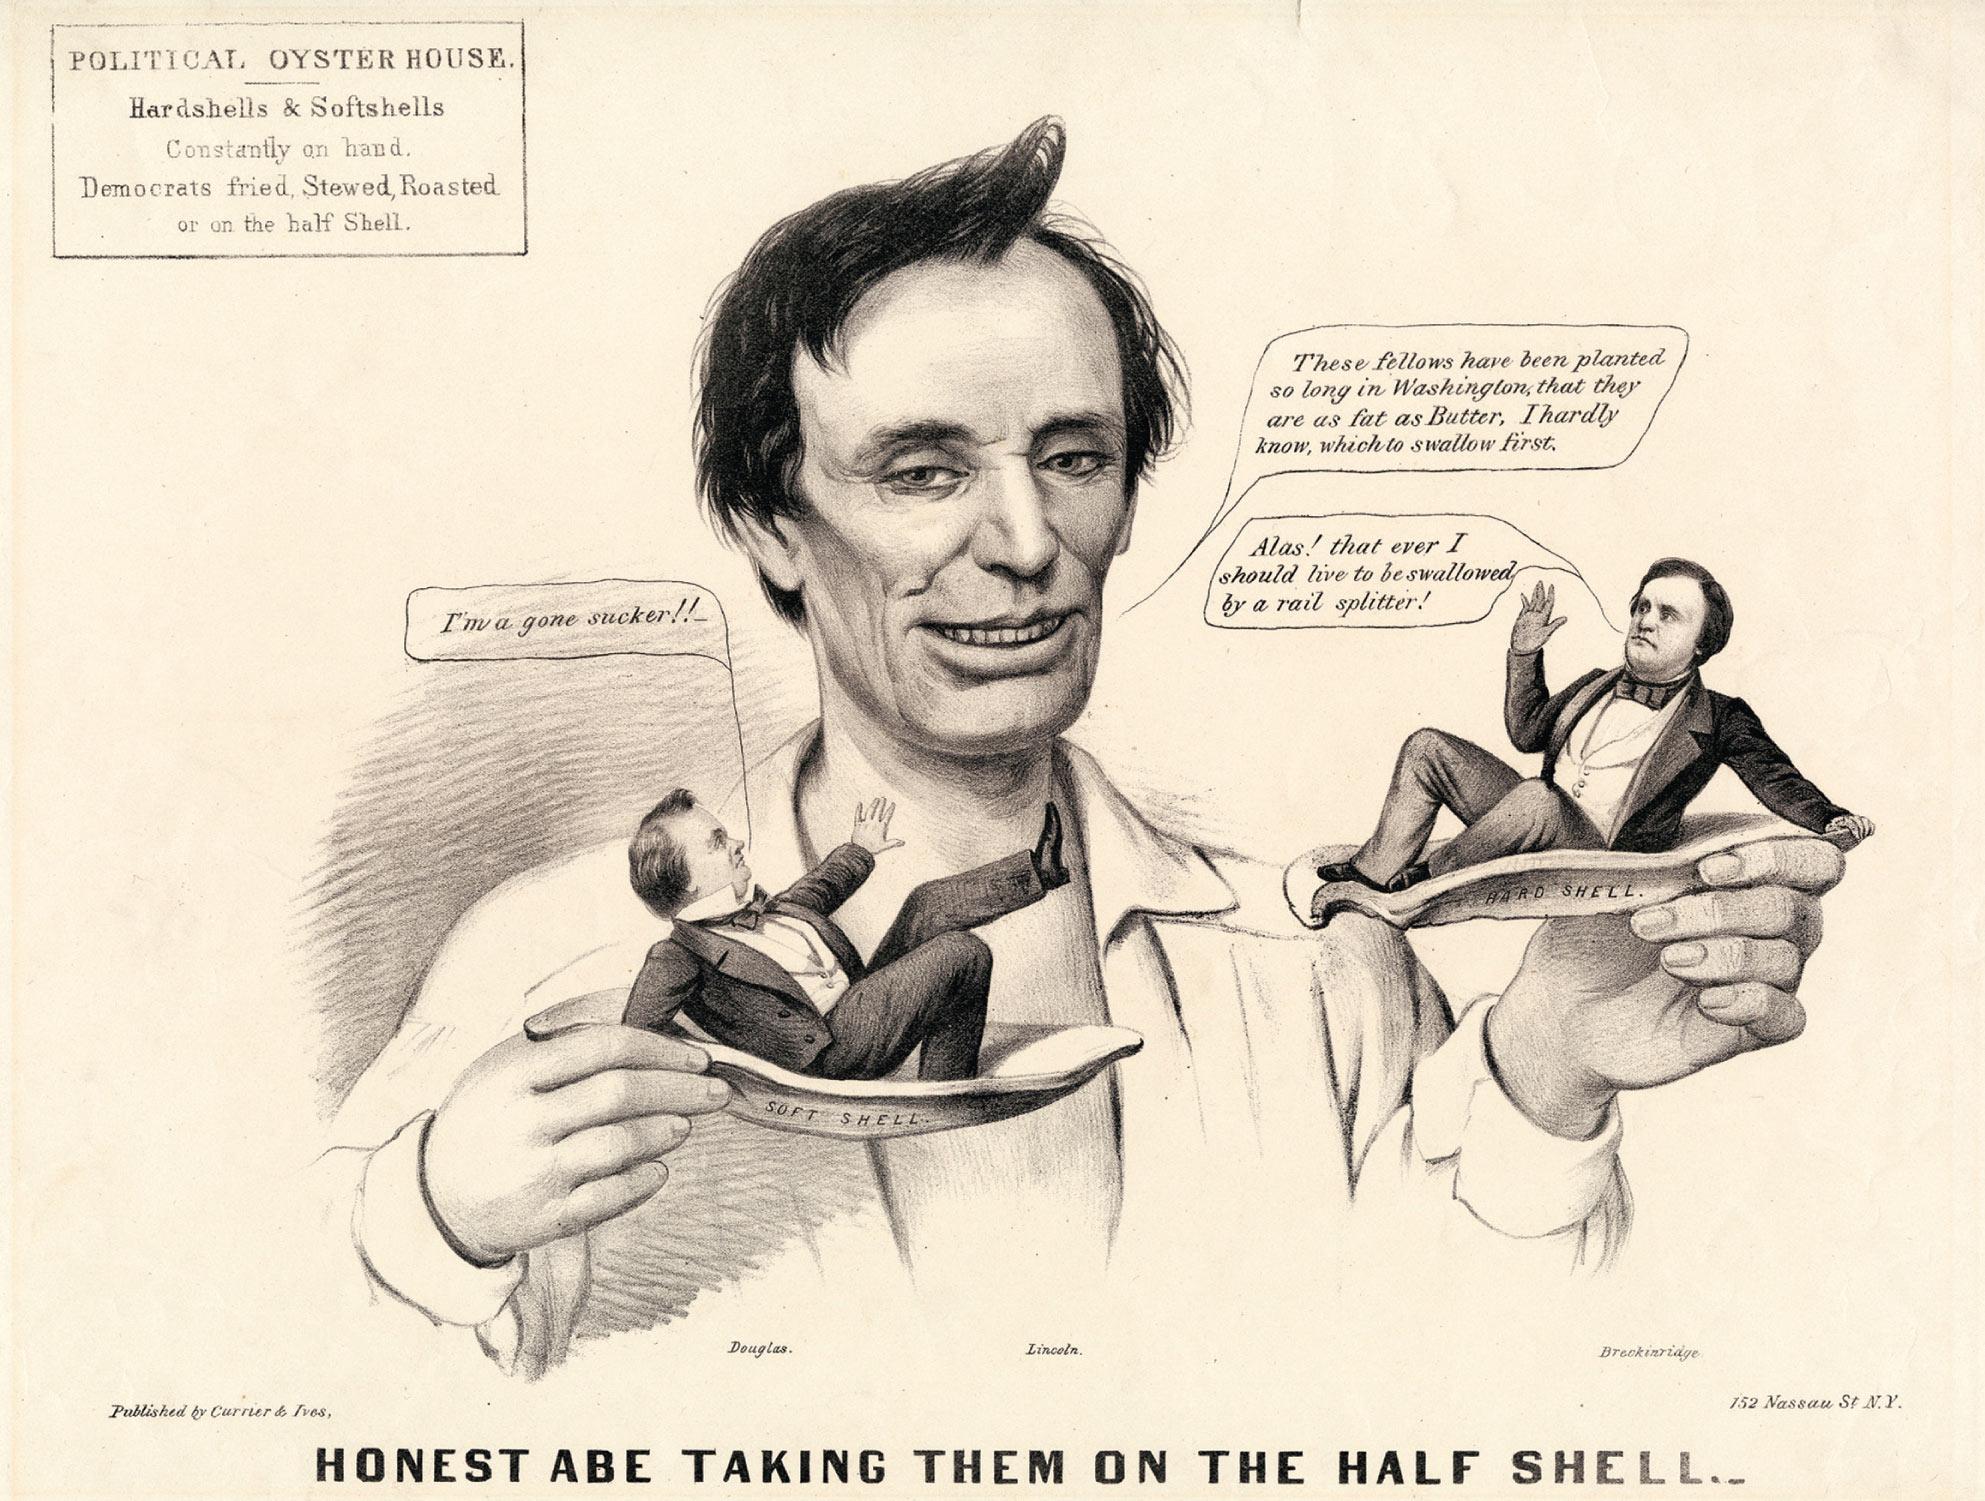 Honest Abe Book... Honest Abe Book